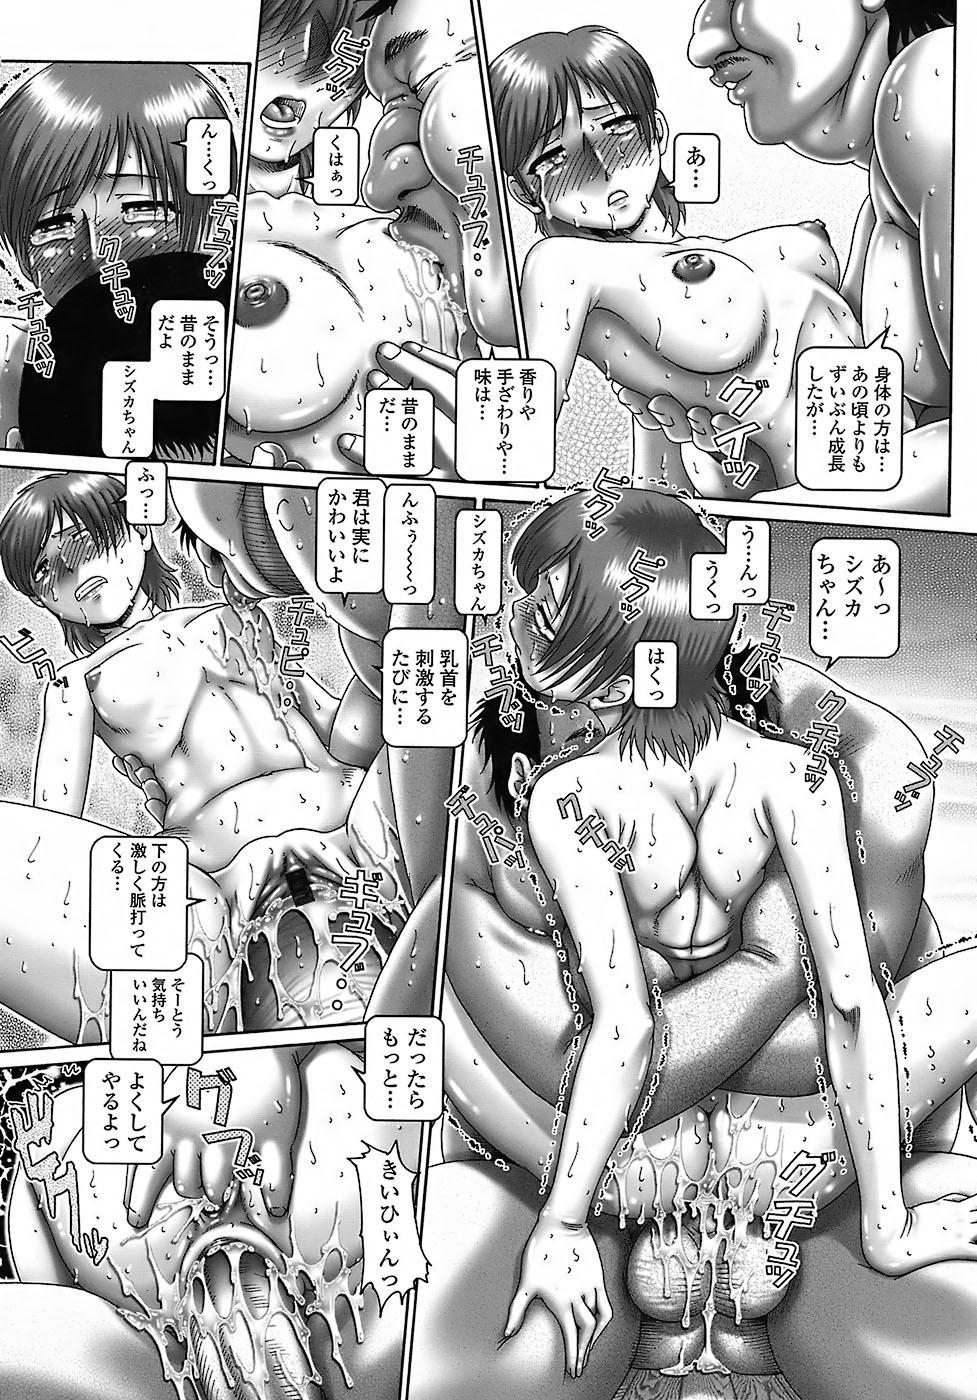 Tenshi no Shizuku 112